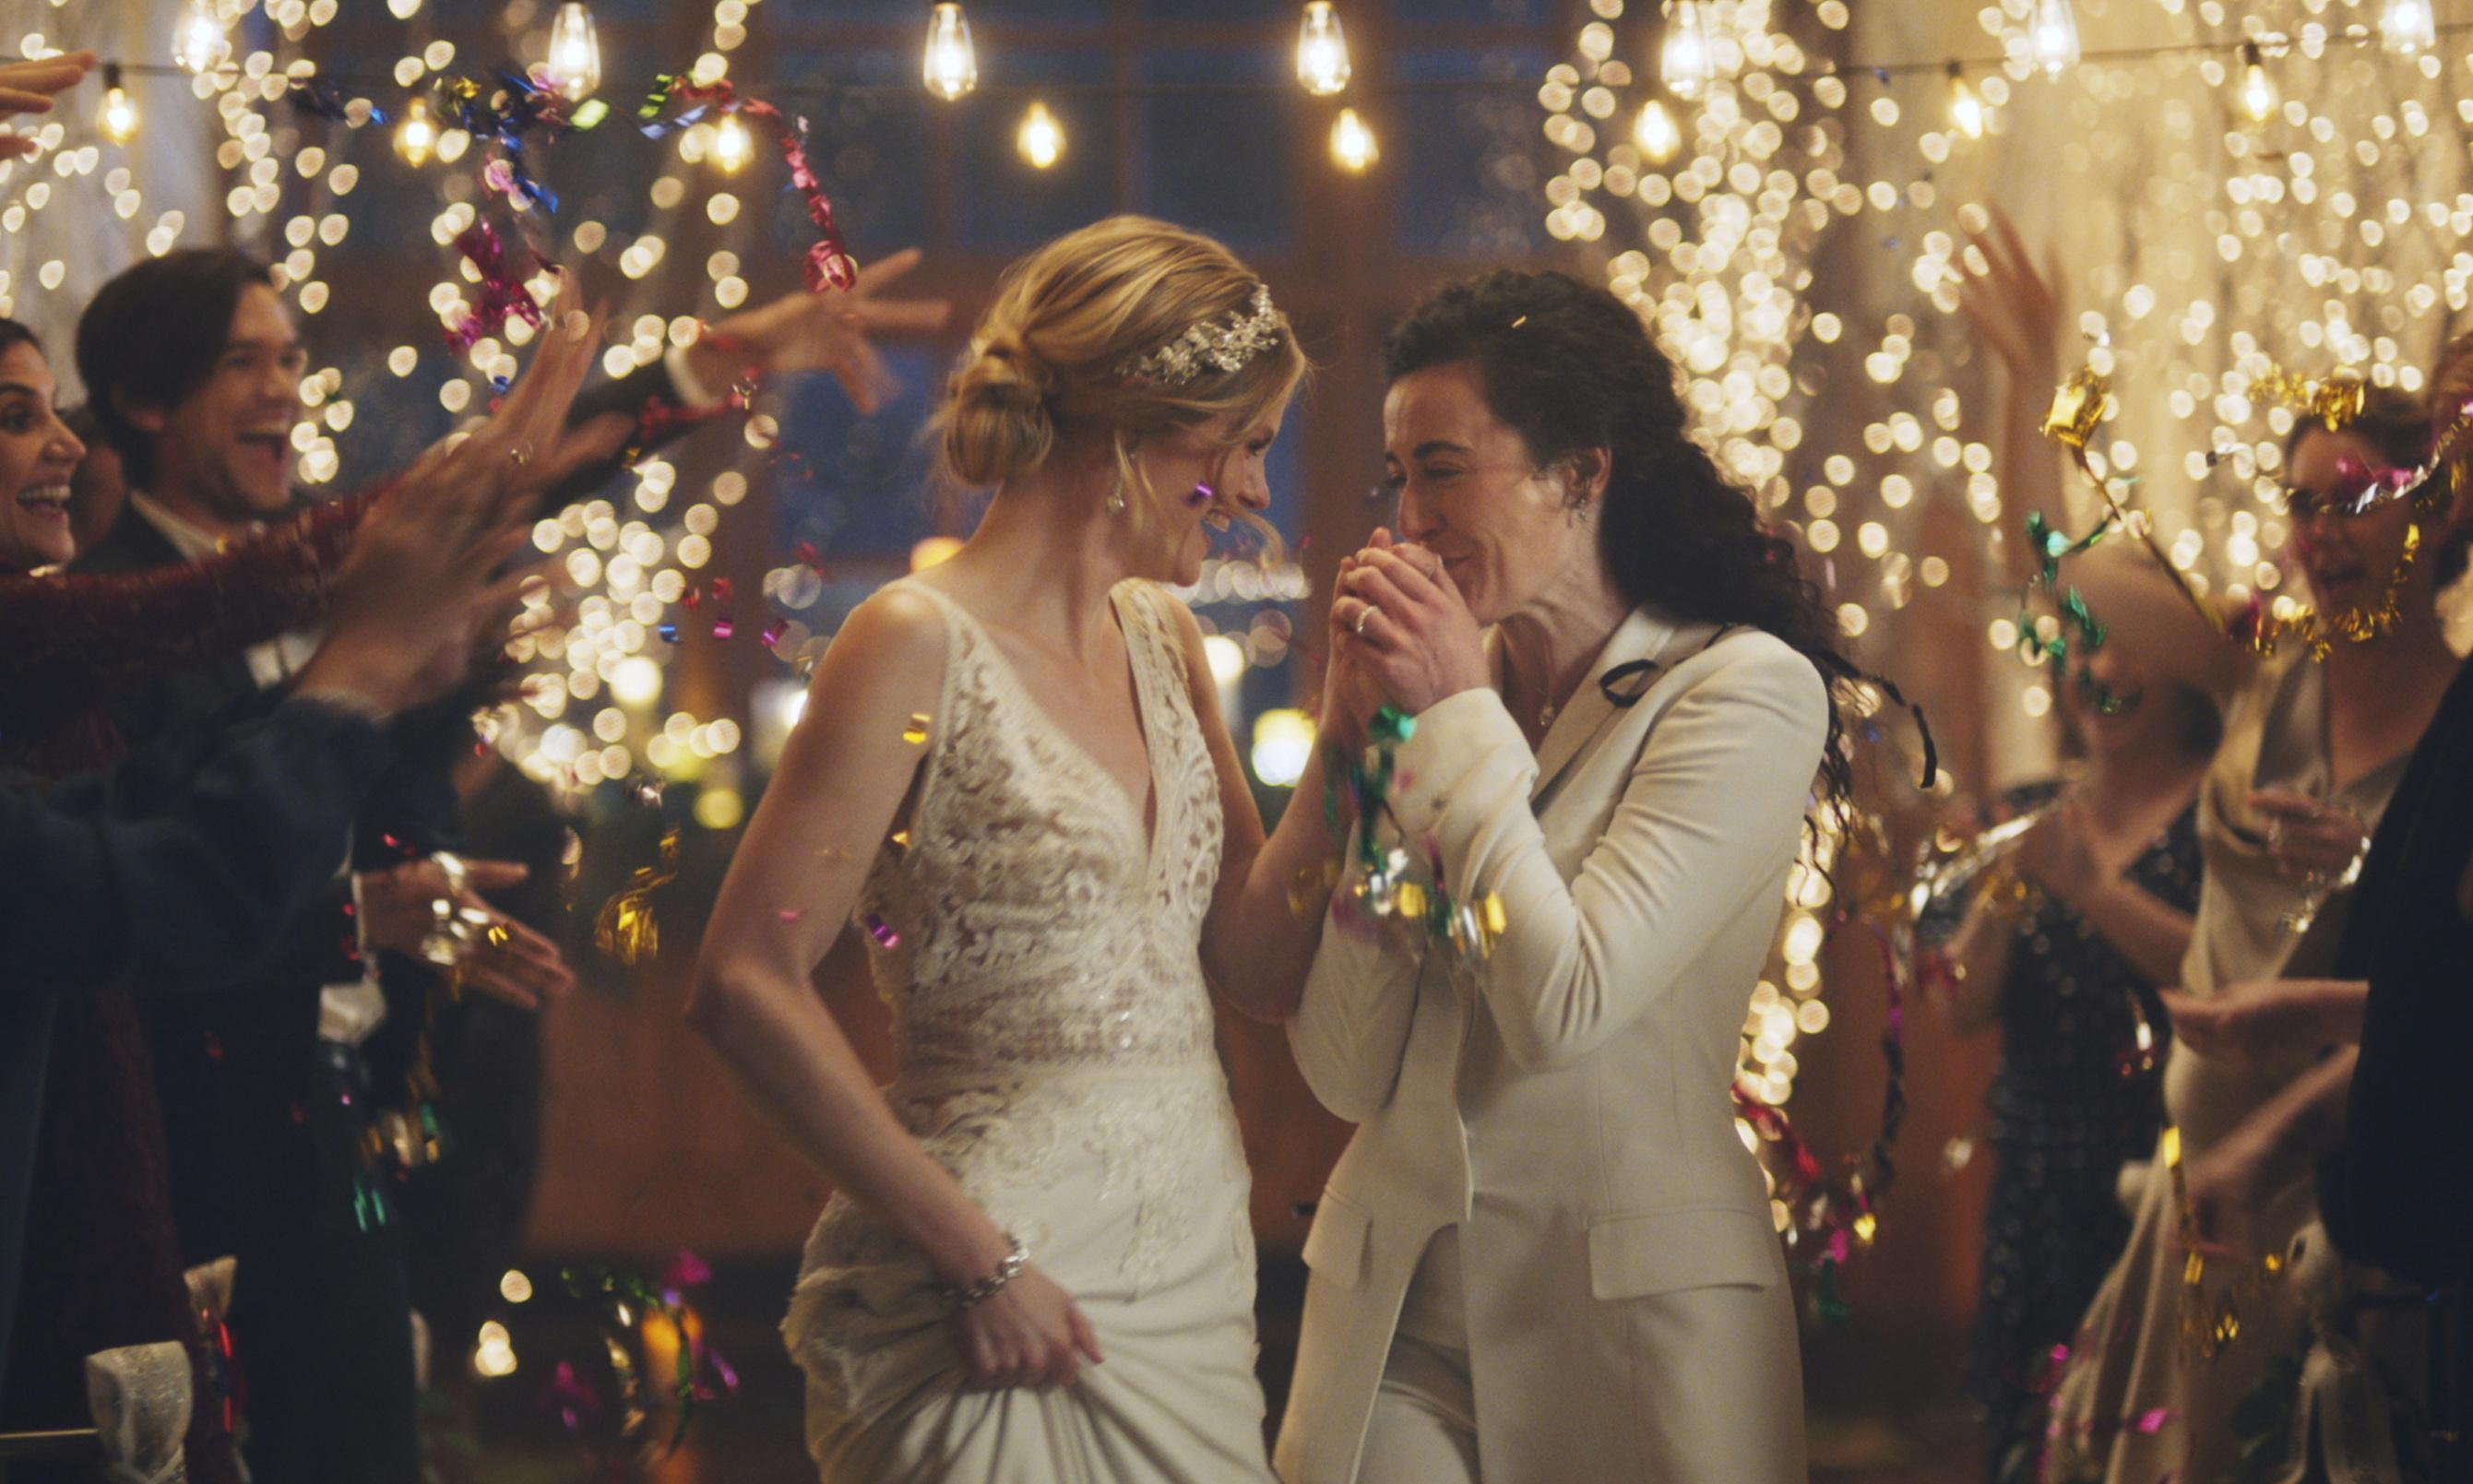 Hallmark Channel pulls same-sex wedding ads under conservative pressure